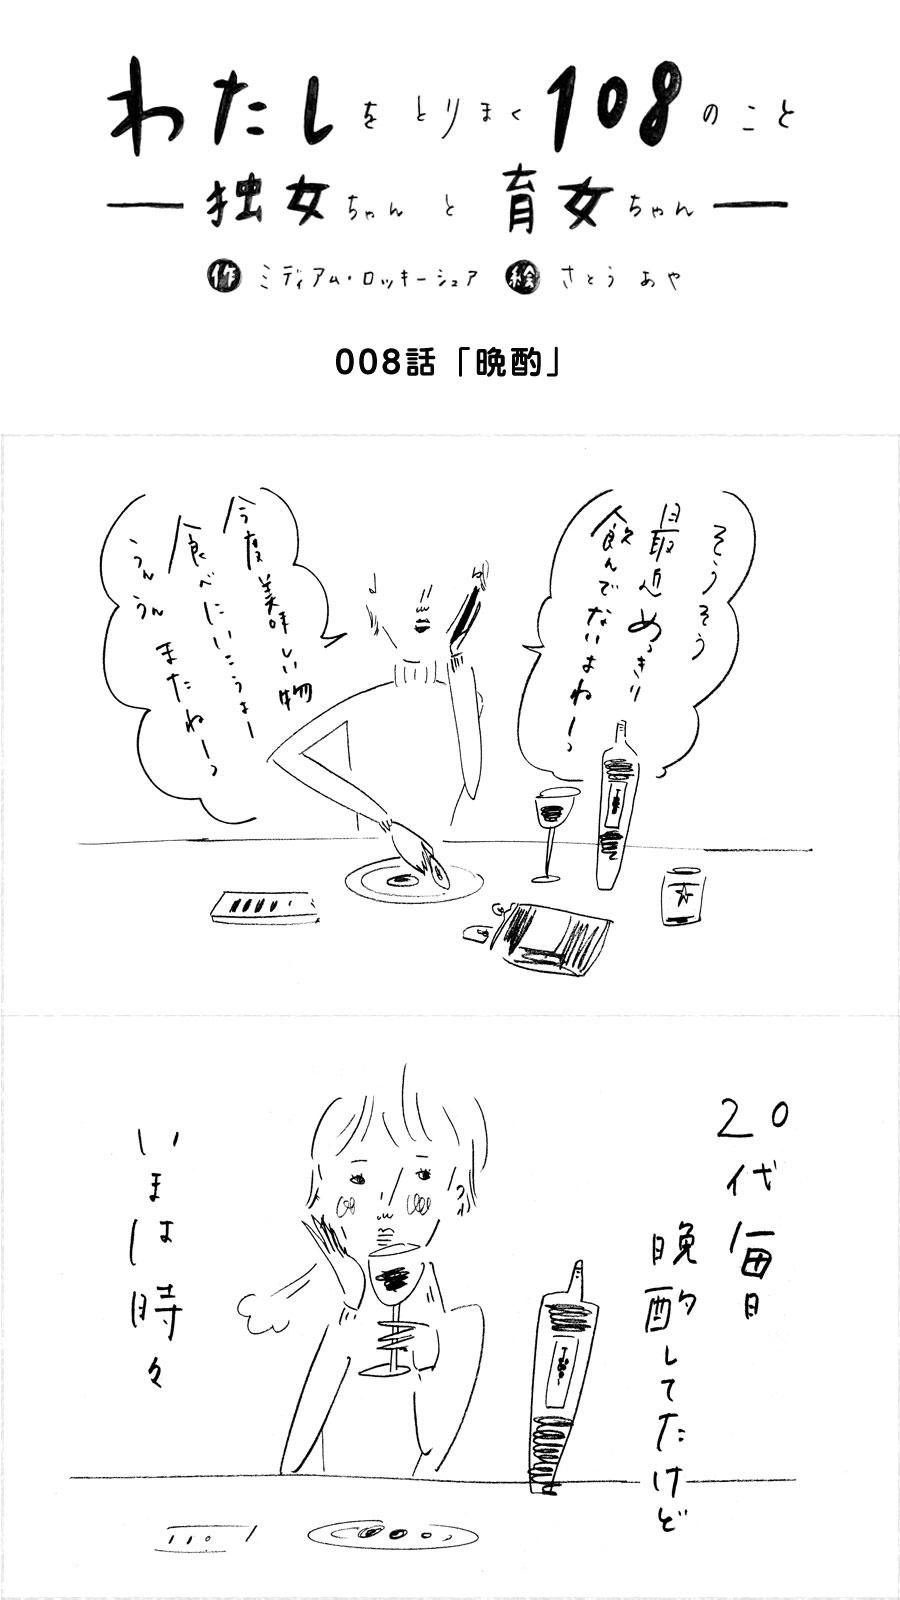 008_独女ちゃん_晩酌_003